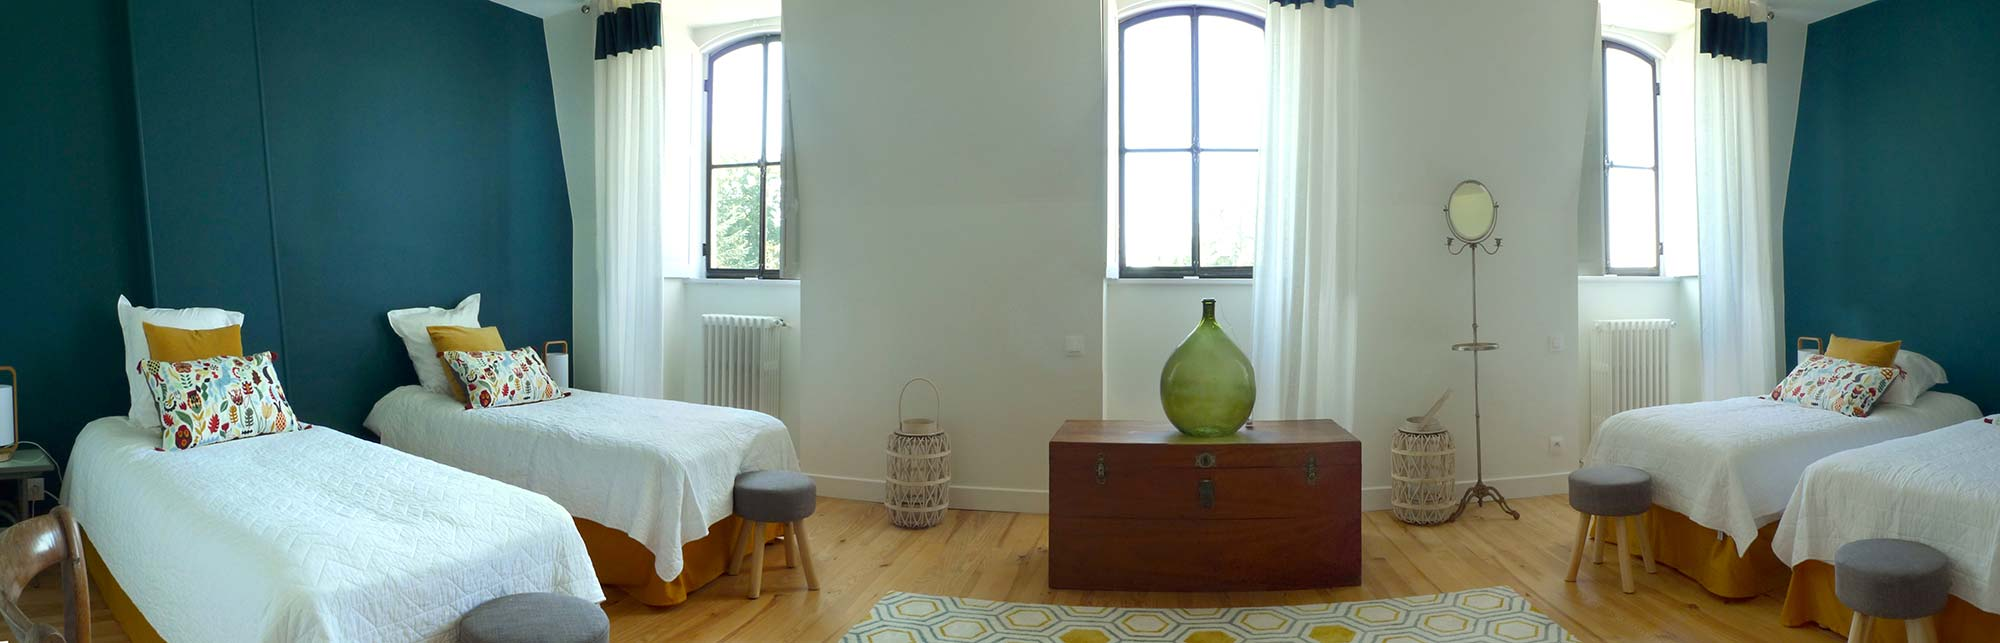 chateau_saint_denis_location_chambre